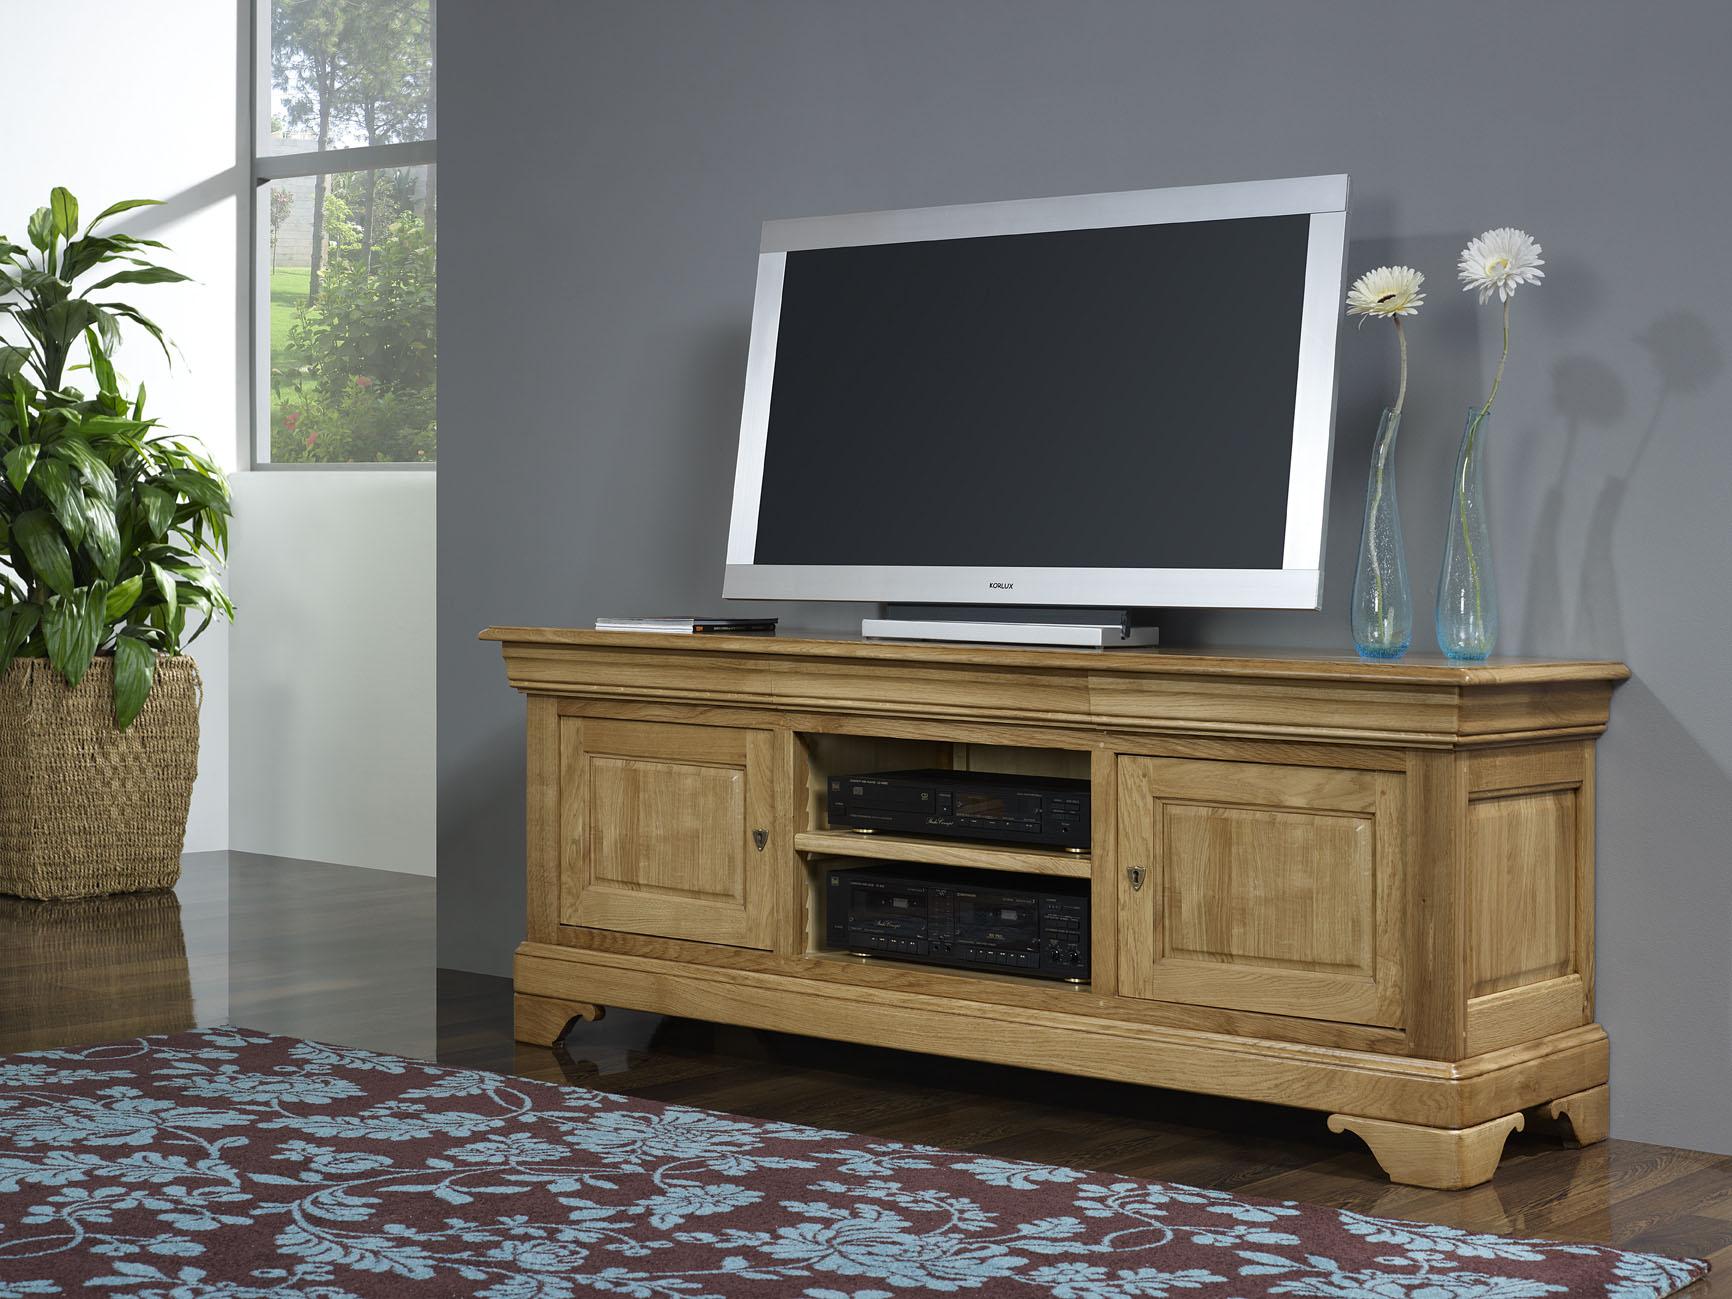 Meubles tv 16 9eme julien en ch ne massif de style louis philippe meuble en ch ne massif - Meuble tv style louis philippe ...